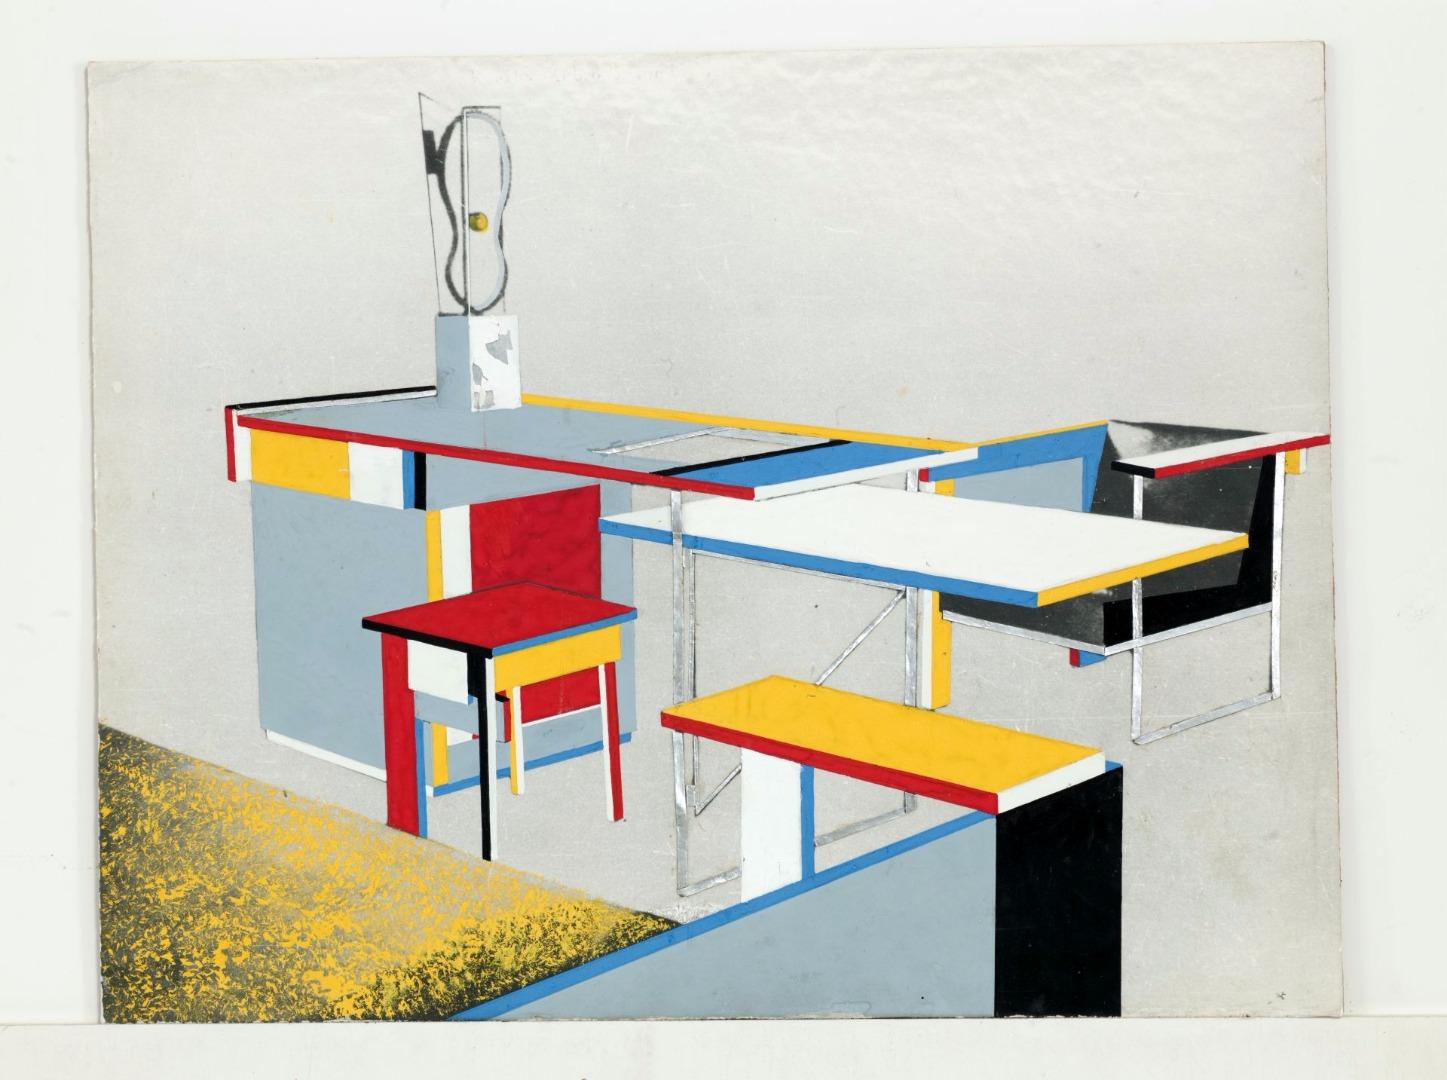 """Bohdan Lachert, projekt kompletu mebli z wyeksponowaną """"Rzeźbą abstrakcyjną (1)"""" Katarzyny Kobro [1924] na biurku, 1926, Muzeum Architektury we Wrocławiu"""